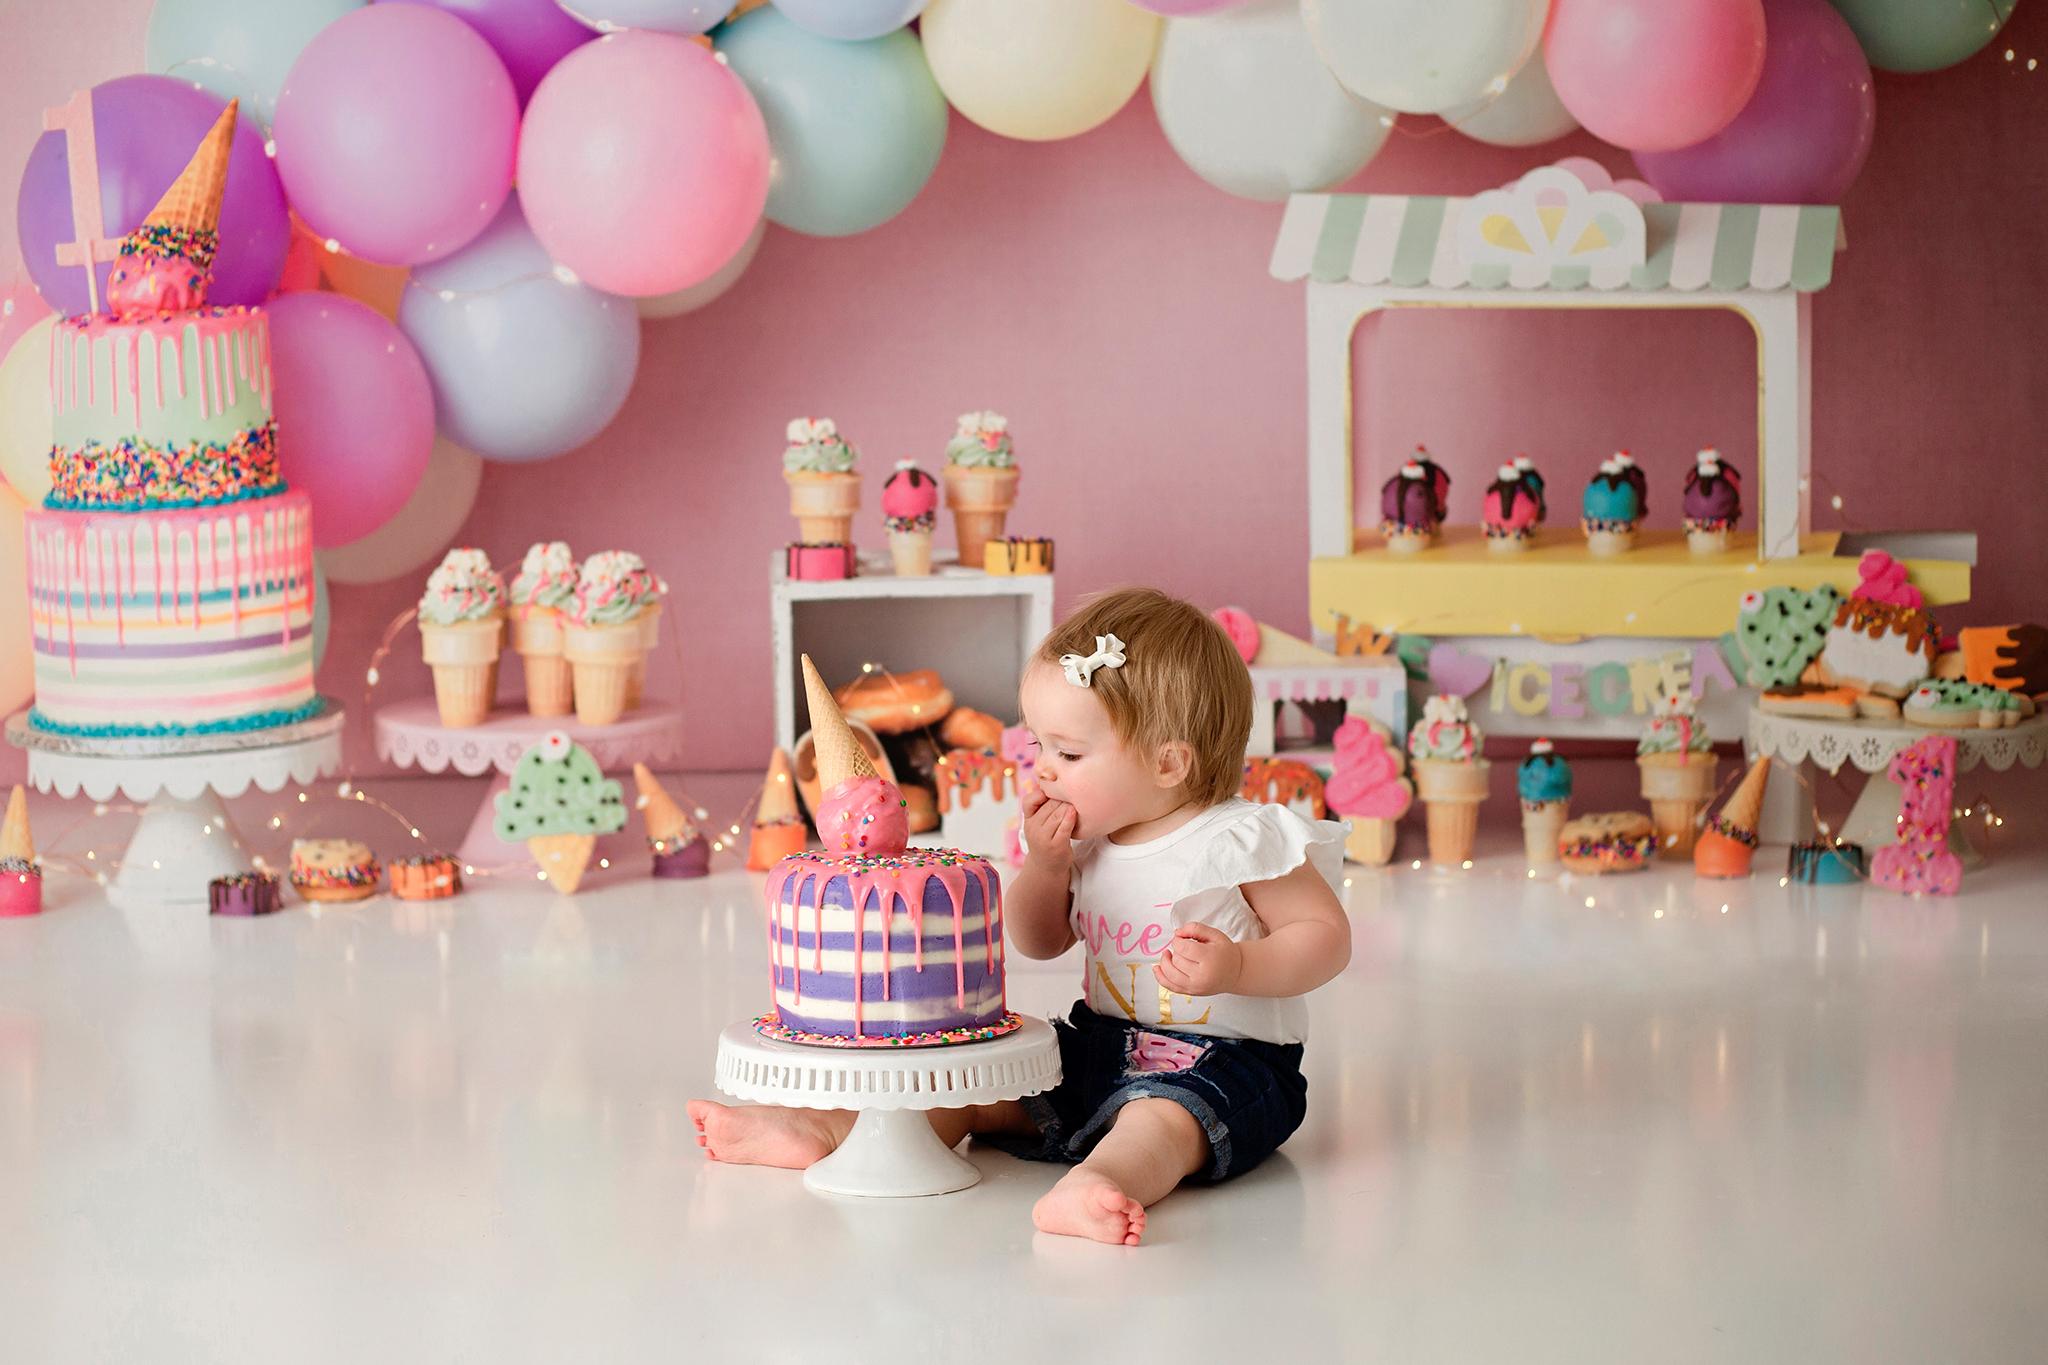 cake smash photographer howell michigan 2021